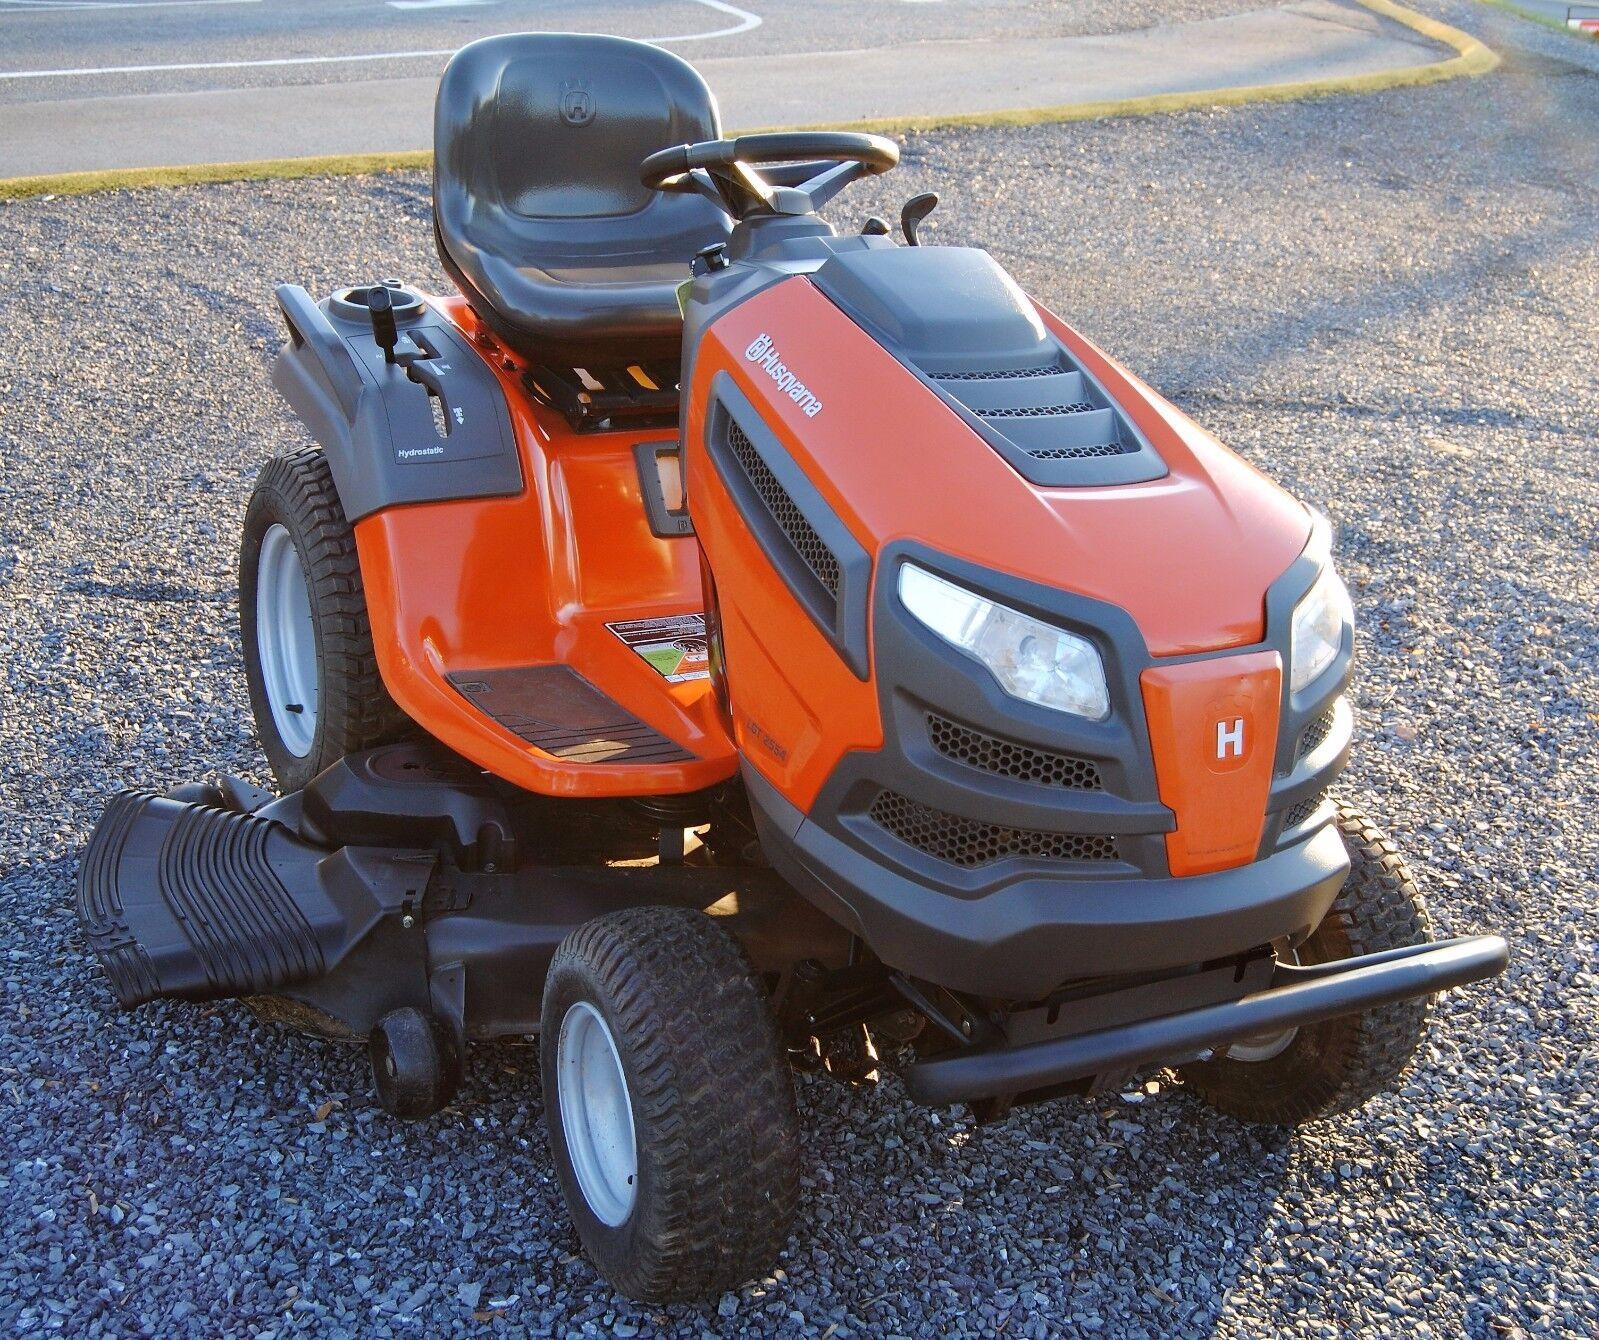 Husqvarna Lawn Tractor Mirrors : Husqvarna lgt lawn tractor riding mower